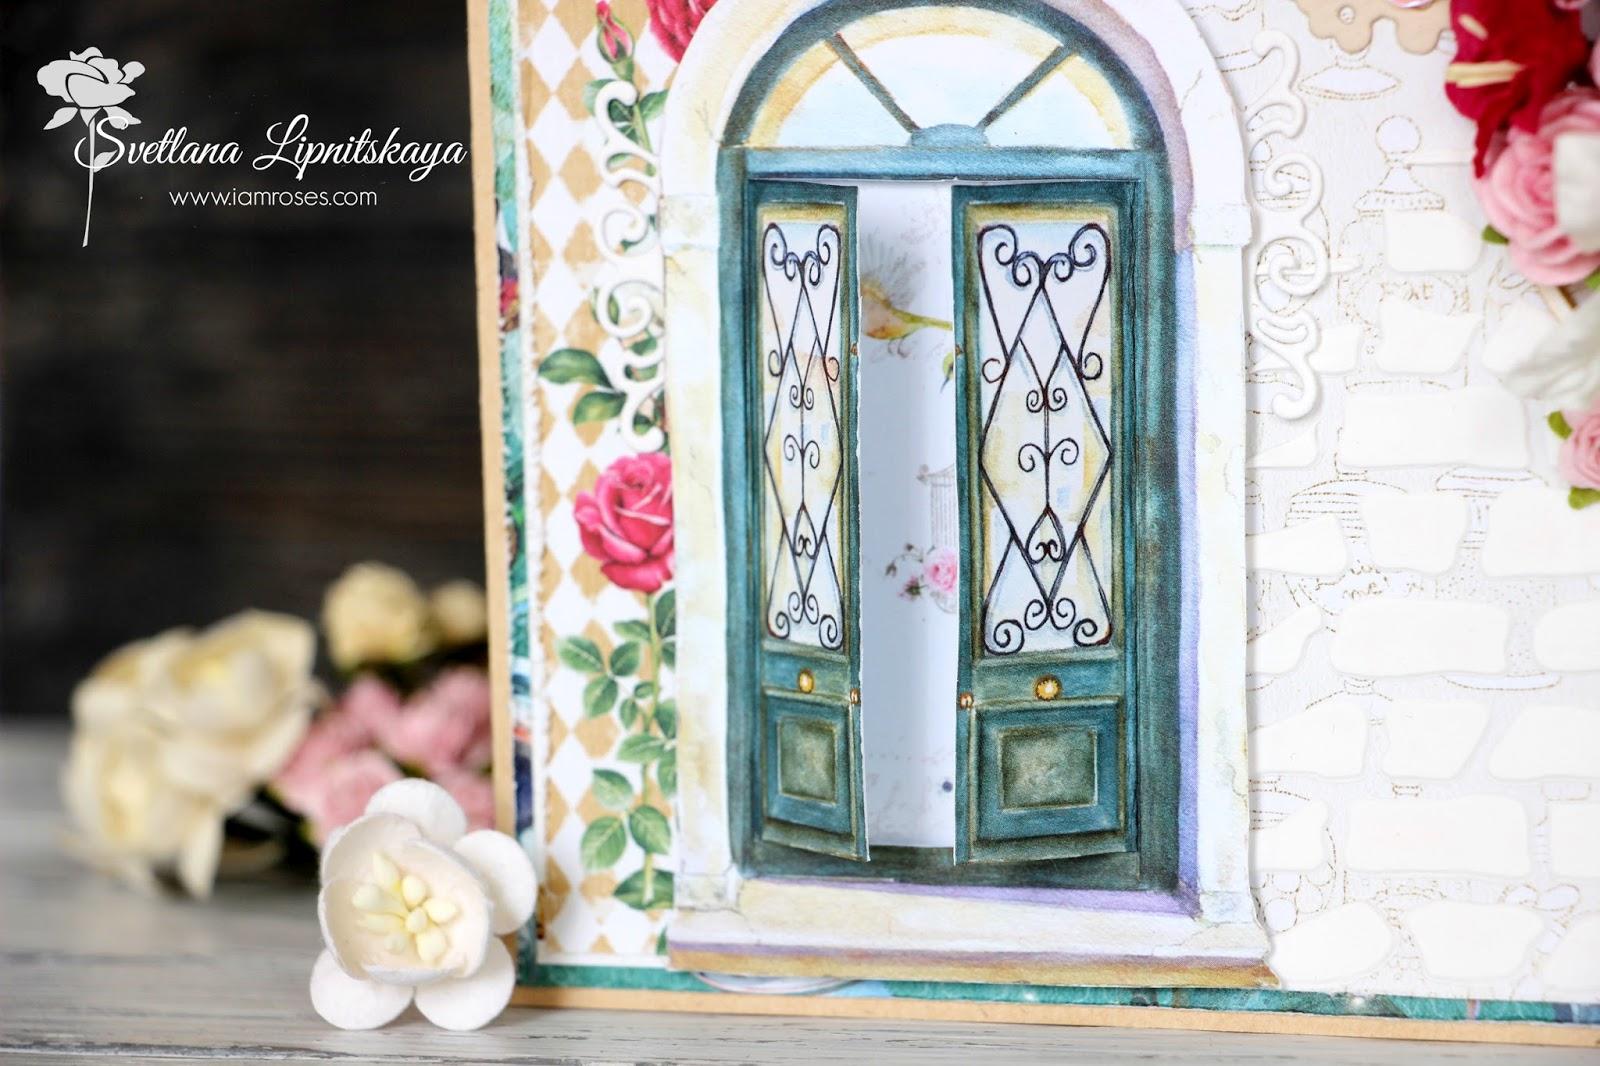 Гифы спасибо, открытки на дверь